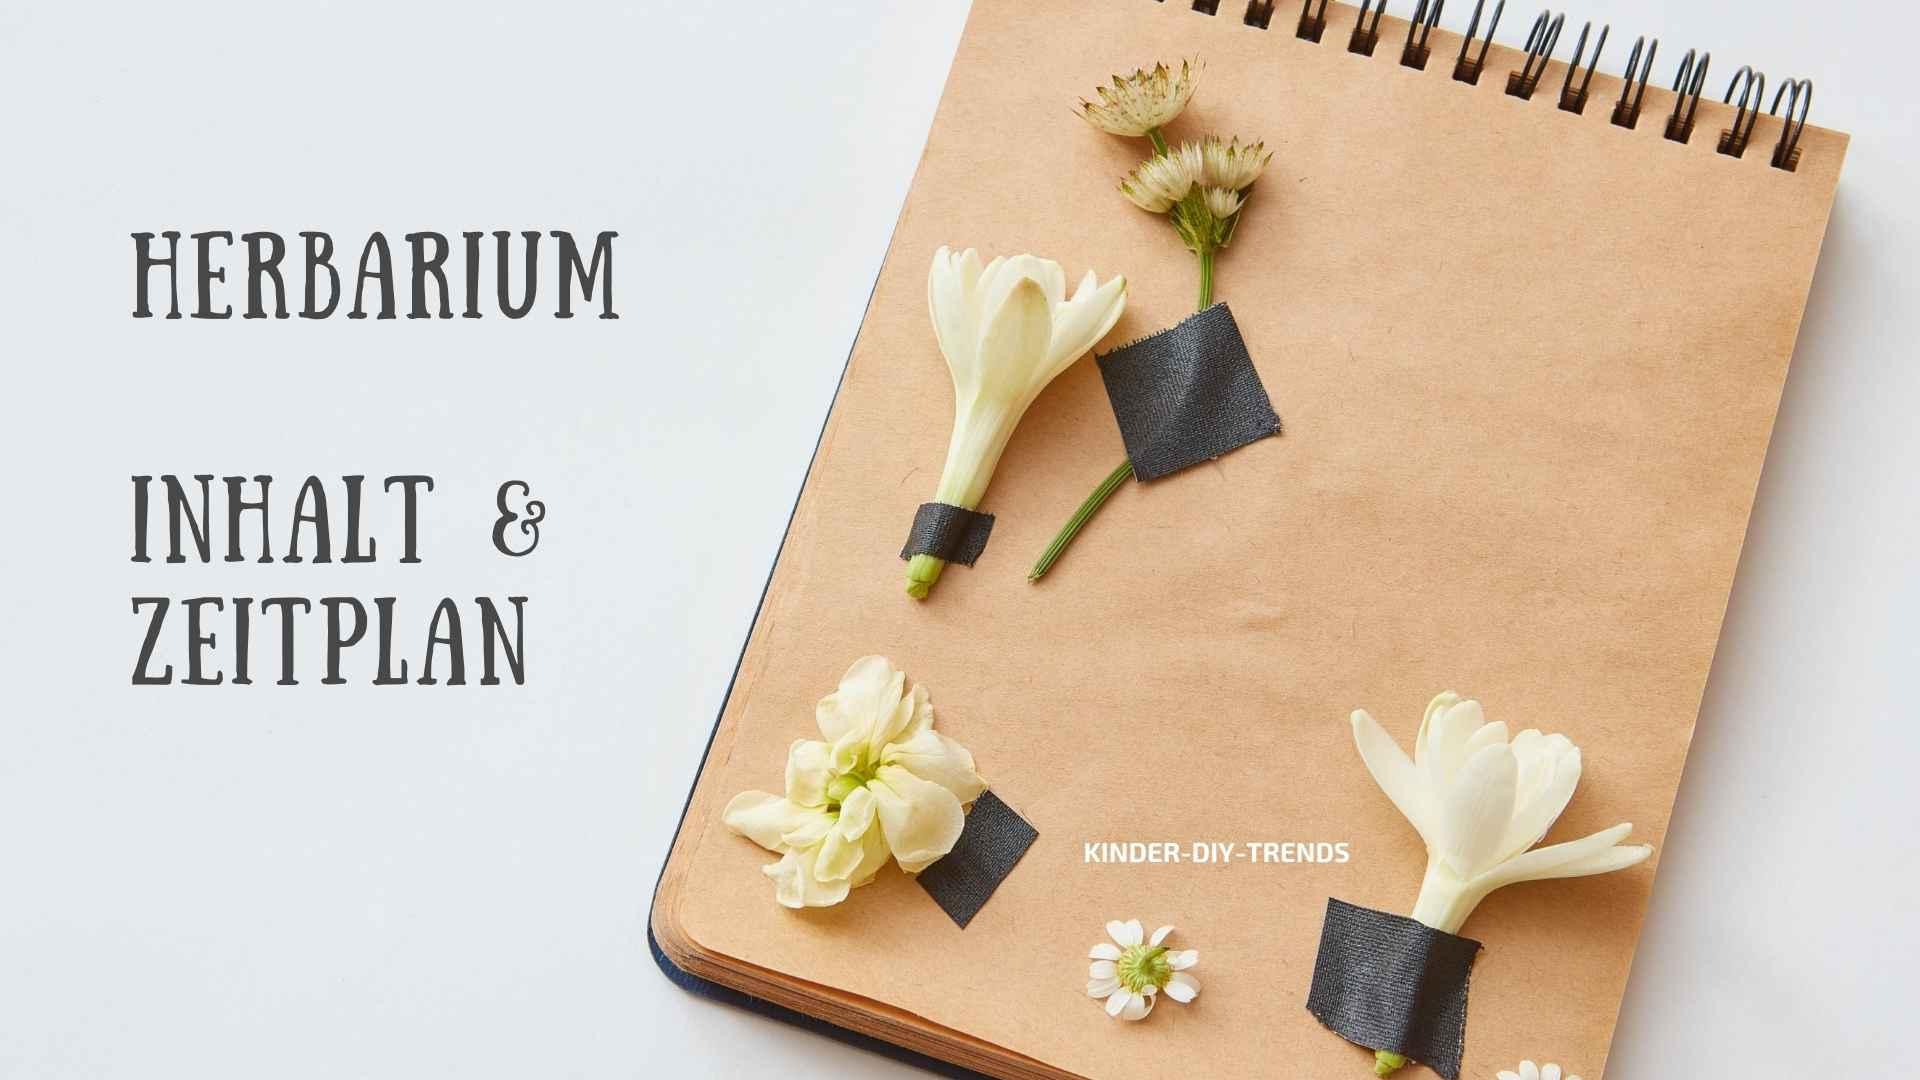 Was gehört in ein Herbarium? Inhalt & Zeitplan für die Erstellung eines Herbariums